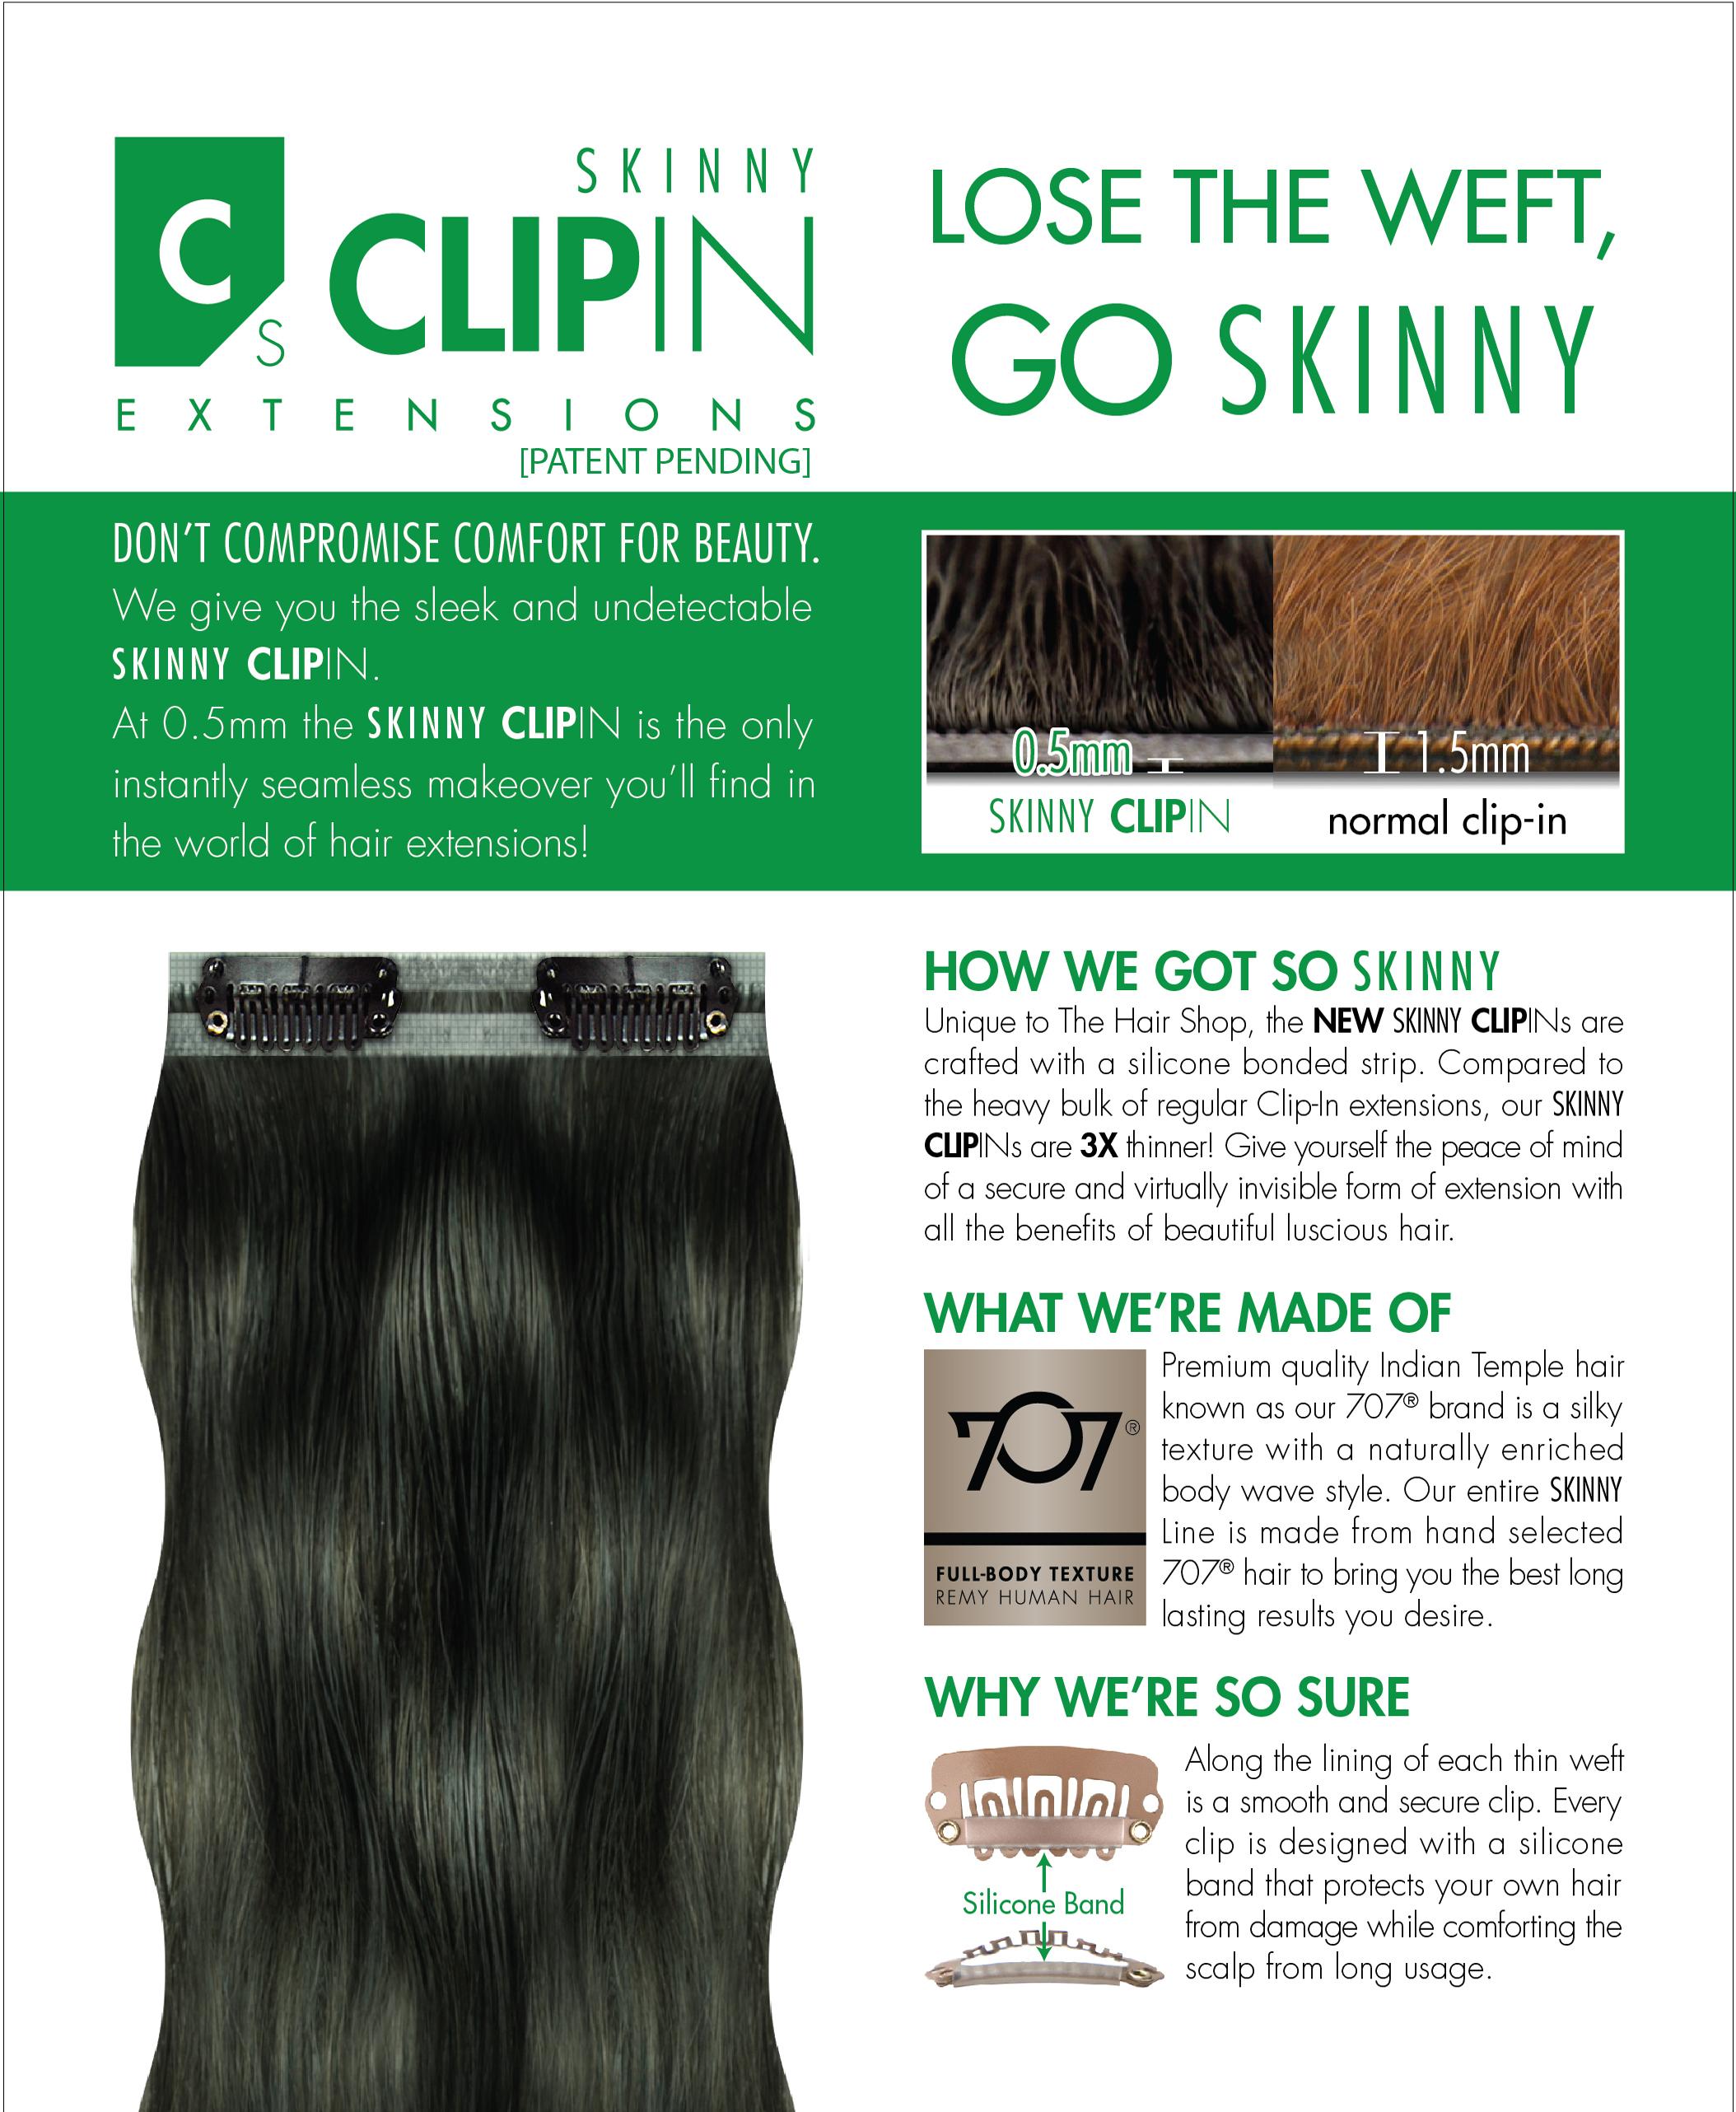 skinnyclipins-101.jpg